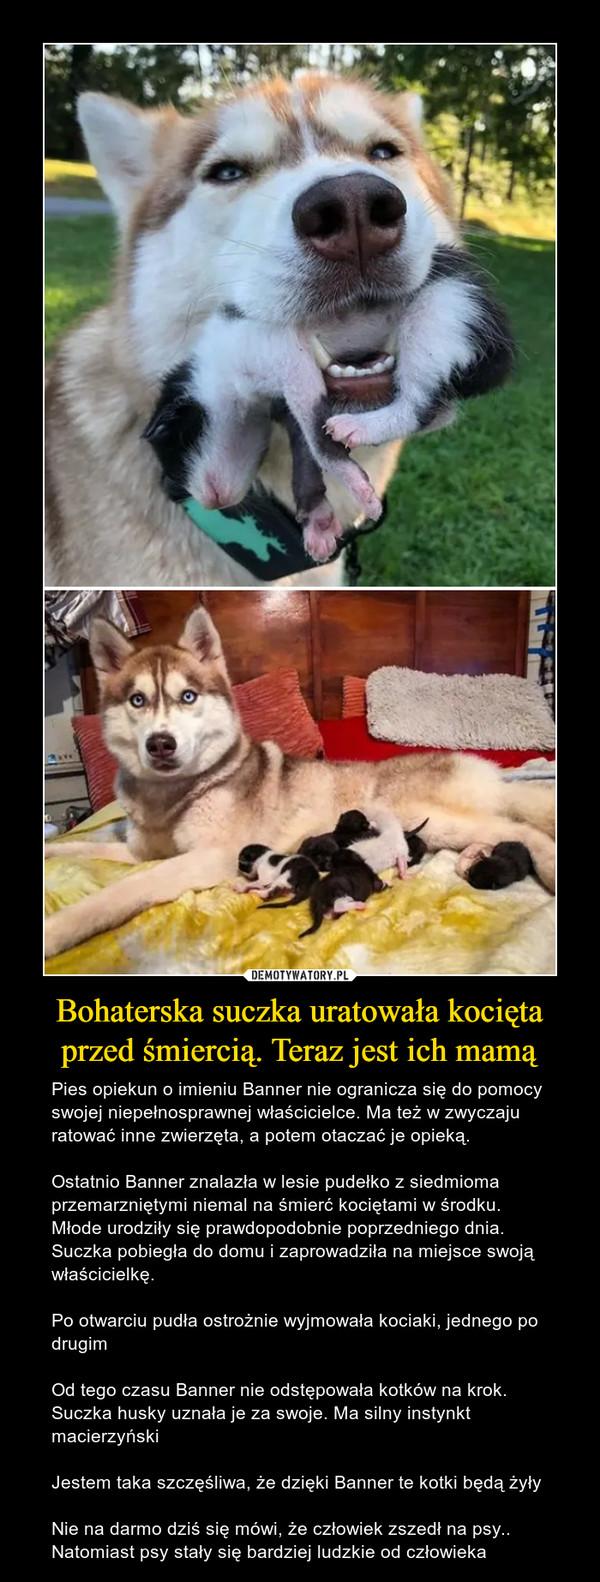 Bohaterska suczka uratowała kocięta przed śmiercią. Teraz jest ich mamą – Pies opiekun o imieniu Banner nie ogranicza się do pomocy swojej niepełnosprawnej właścicielce. Ma też w zwyczaju ratować inne zwierzęta, a potem otaczać je opieką.Ostatnio Banner znalazła w lesie pudełko z siedmioma przemarzniętymi niemal na śmierć kociętami w środku. Młode urodziły się prawdopodobnie poprzedniego dnia. Suczka pobiegła do domu i zaprowadziła na miejsce swoją właścicielkę.Po otwarciu pudła ostrożnie wyjmowała kociaki, jednego po drugimOd tego czasu Banner nie odstępowała kotków na krok. Suczka husky uznała je za swoje. Ma silny instynkt macierzyńskiJestem taka szczęśliwa, że dzięki Banner te kotki będą żyłyNie na darmo dziś się mówi, że człowiek zszedł na psy.. Natomiast psy stały się bardziej ludzkie od człowieka